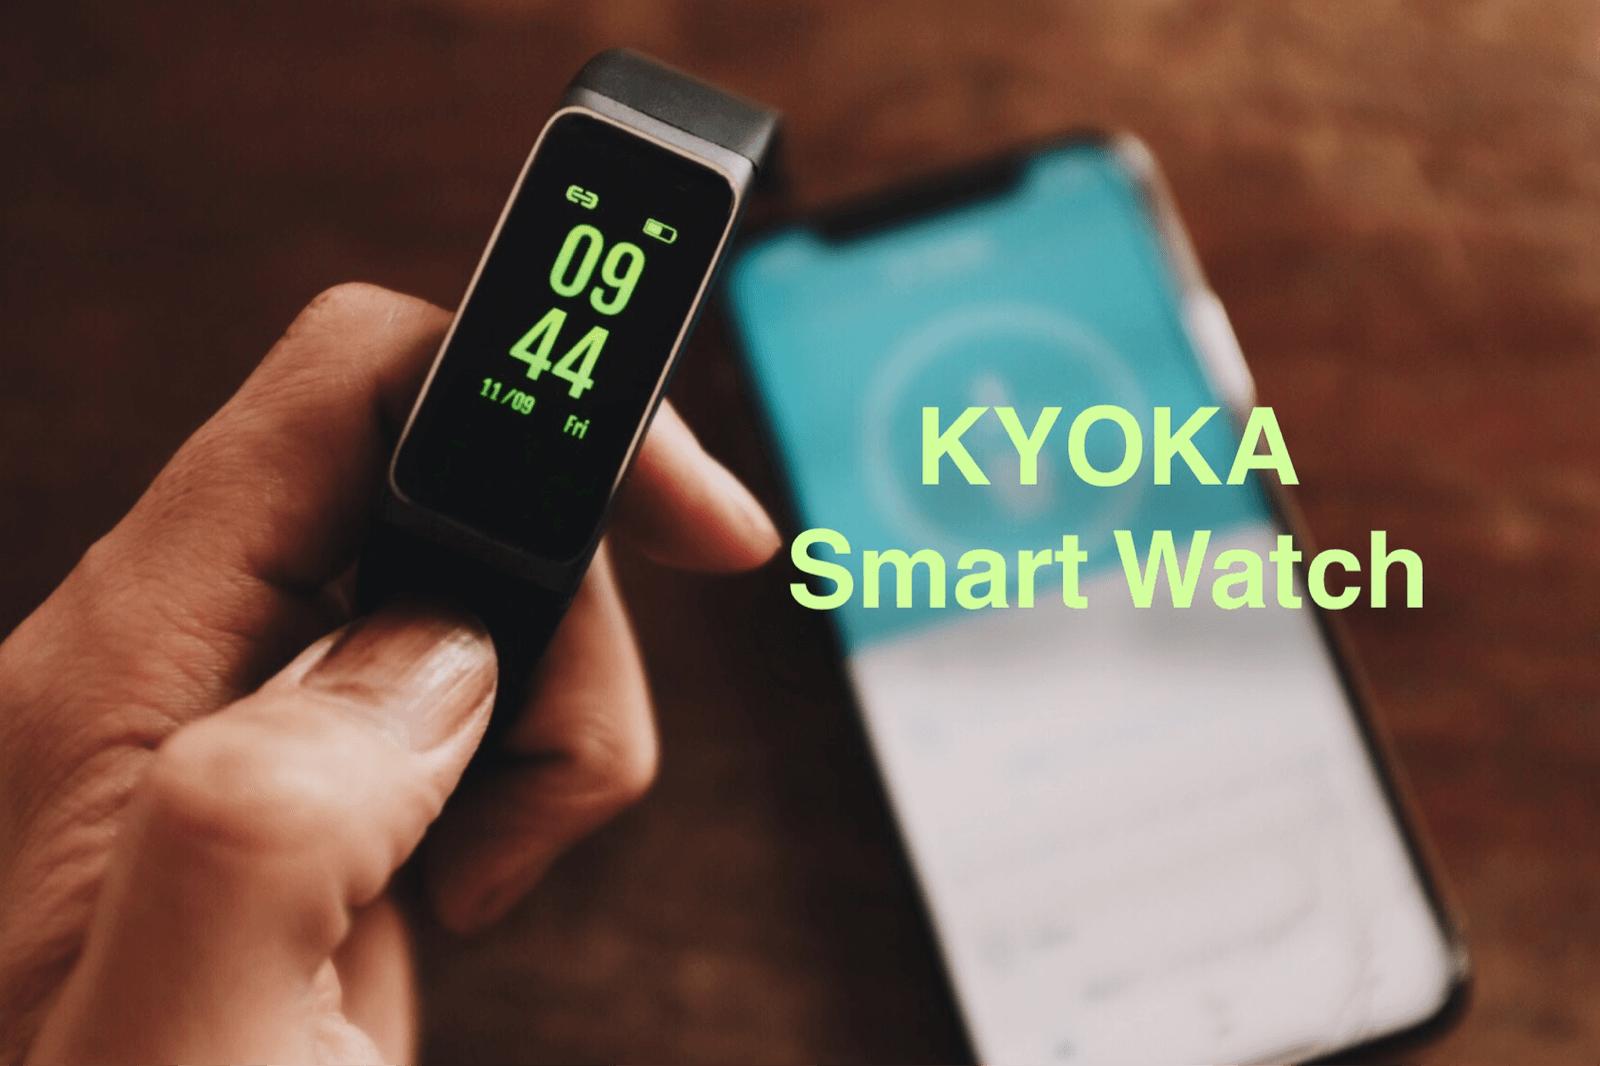 【PR】初めてのスマートウォッチにおすすめ!「KYOKA」のスマートウォッチで生活を少し便利に